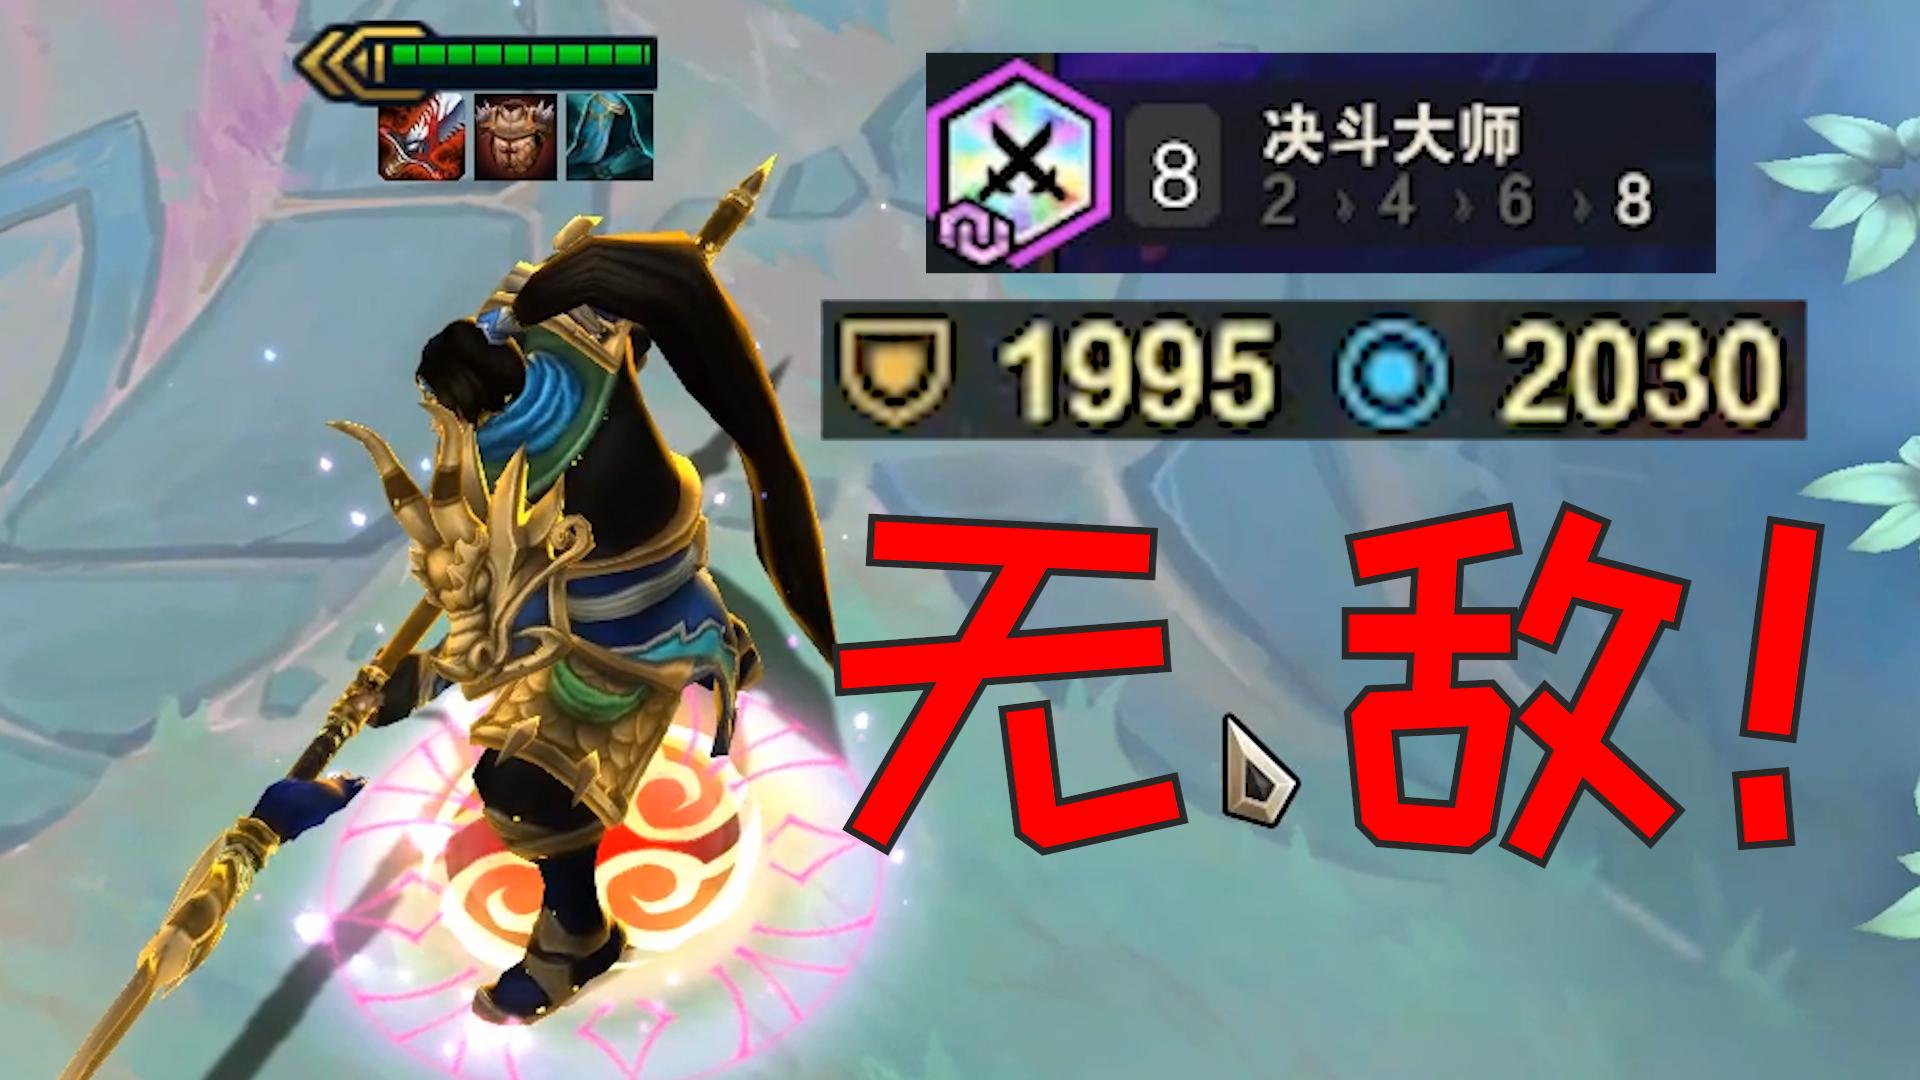 你见过两千护甲魔抗的赵信吗??! 让你看看什么叫赵 神 王!